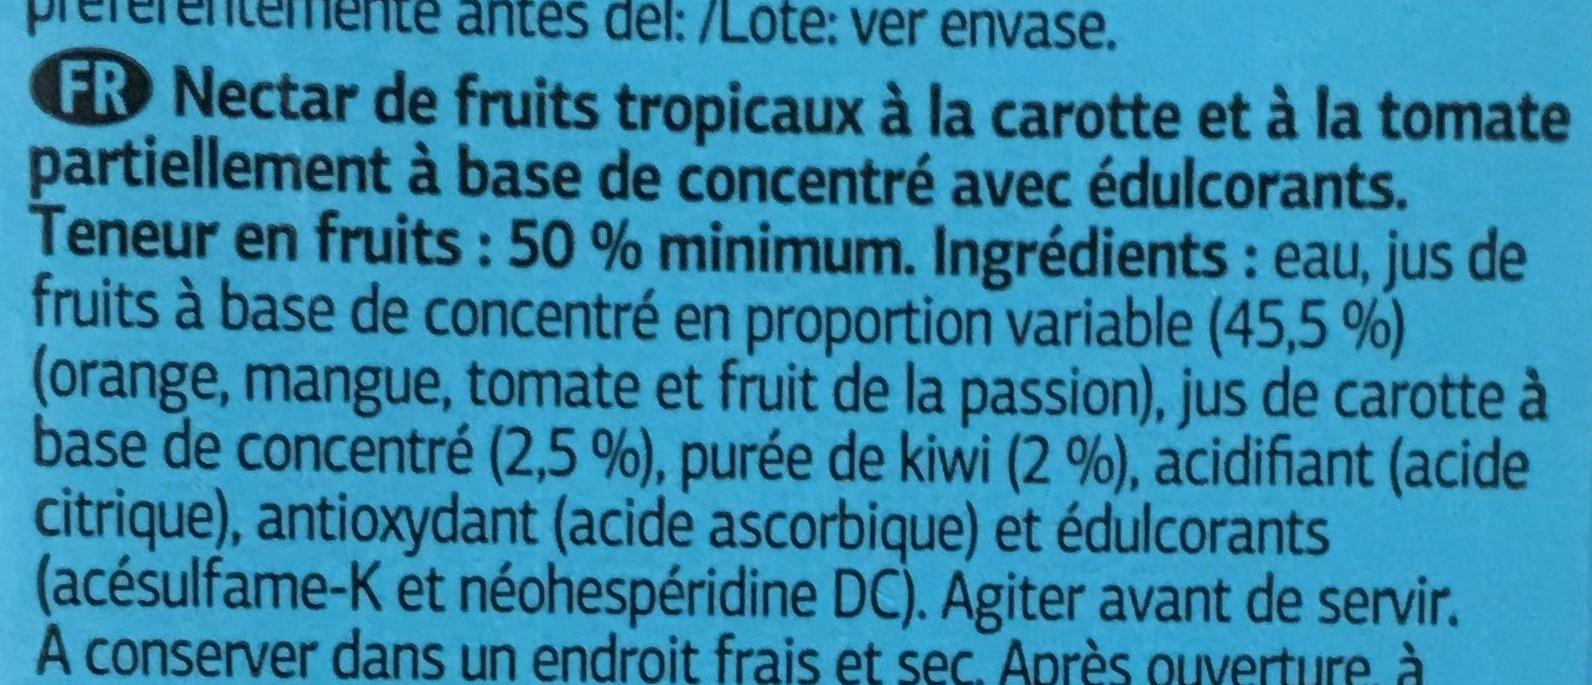 Nectar tropical Carotte et Tomate Light - Ingrediënten